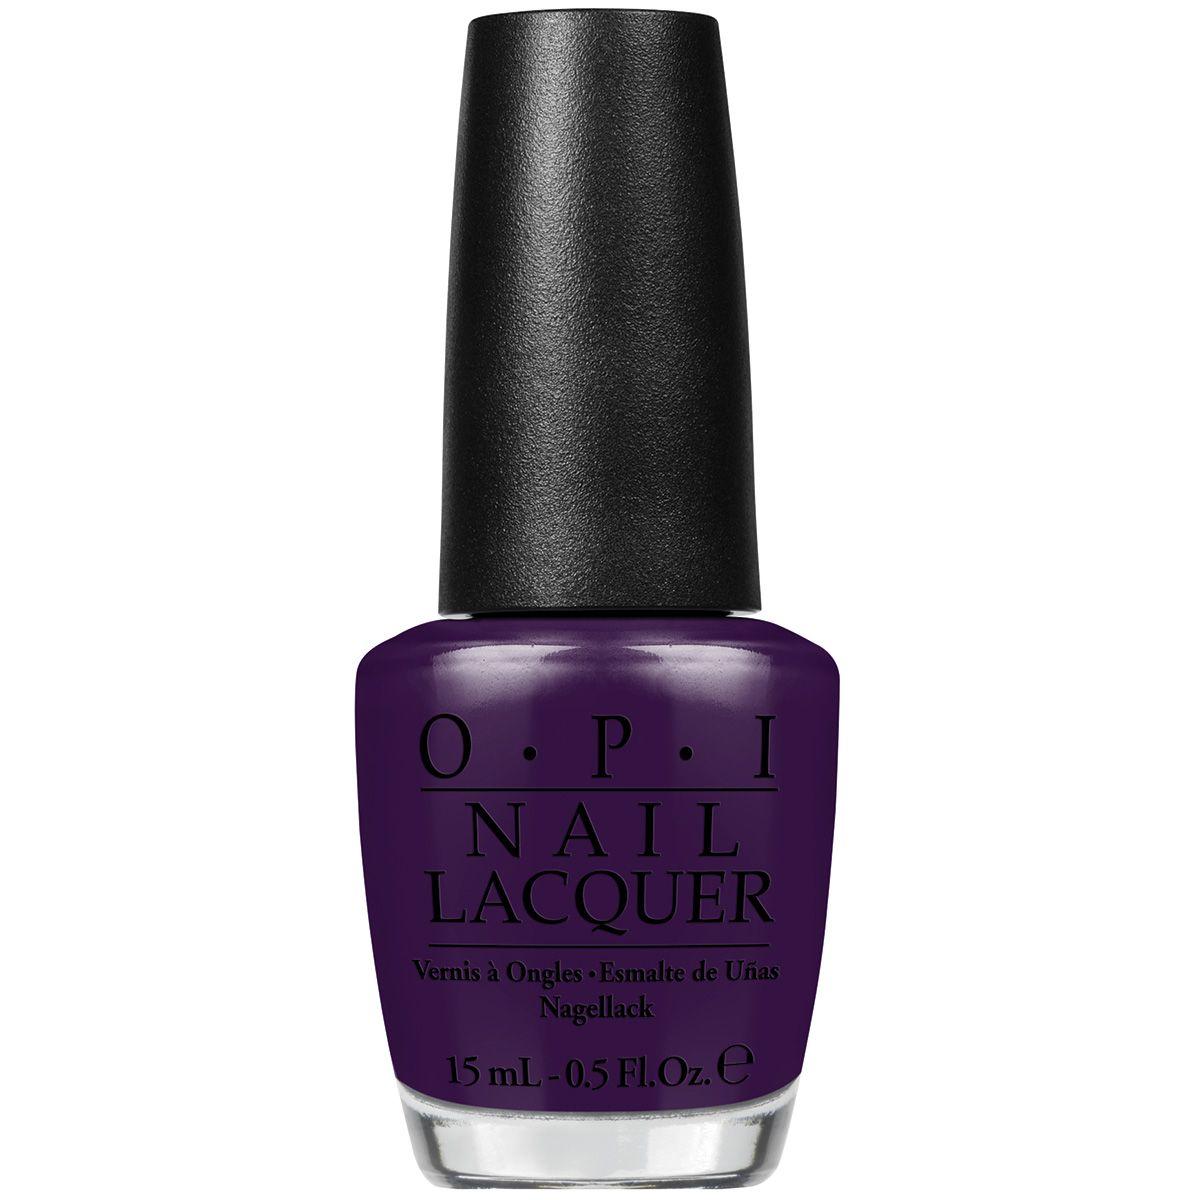 OPI Лак для ногтей A Grape Affair, 15 мл1301210Лак для ногтей OPI быстросохнущий, содержит натуральный шелк и аминокислоты. Увлажняет и ухаживает за ногтями. Форма флакона, колпачка и кисти специально разработаны для удобного использования и запатентованы.